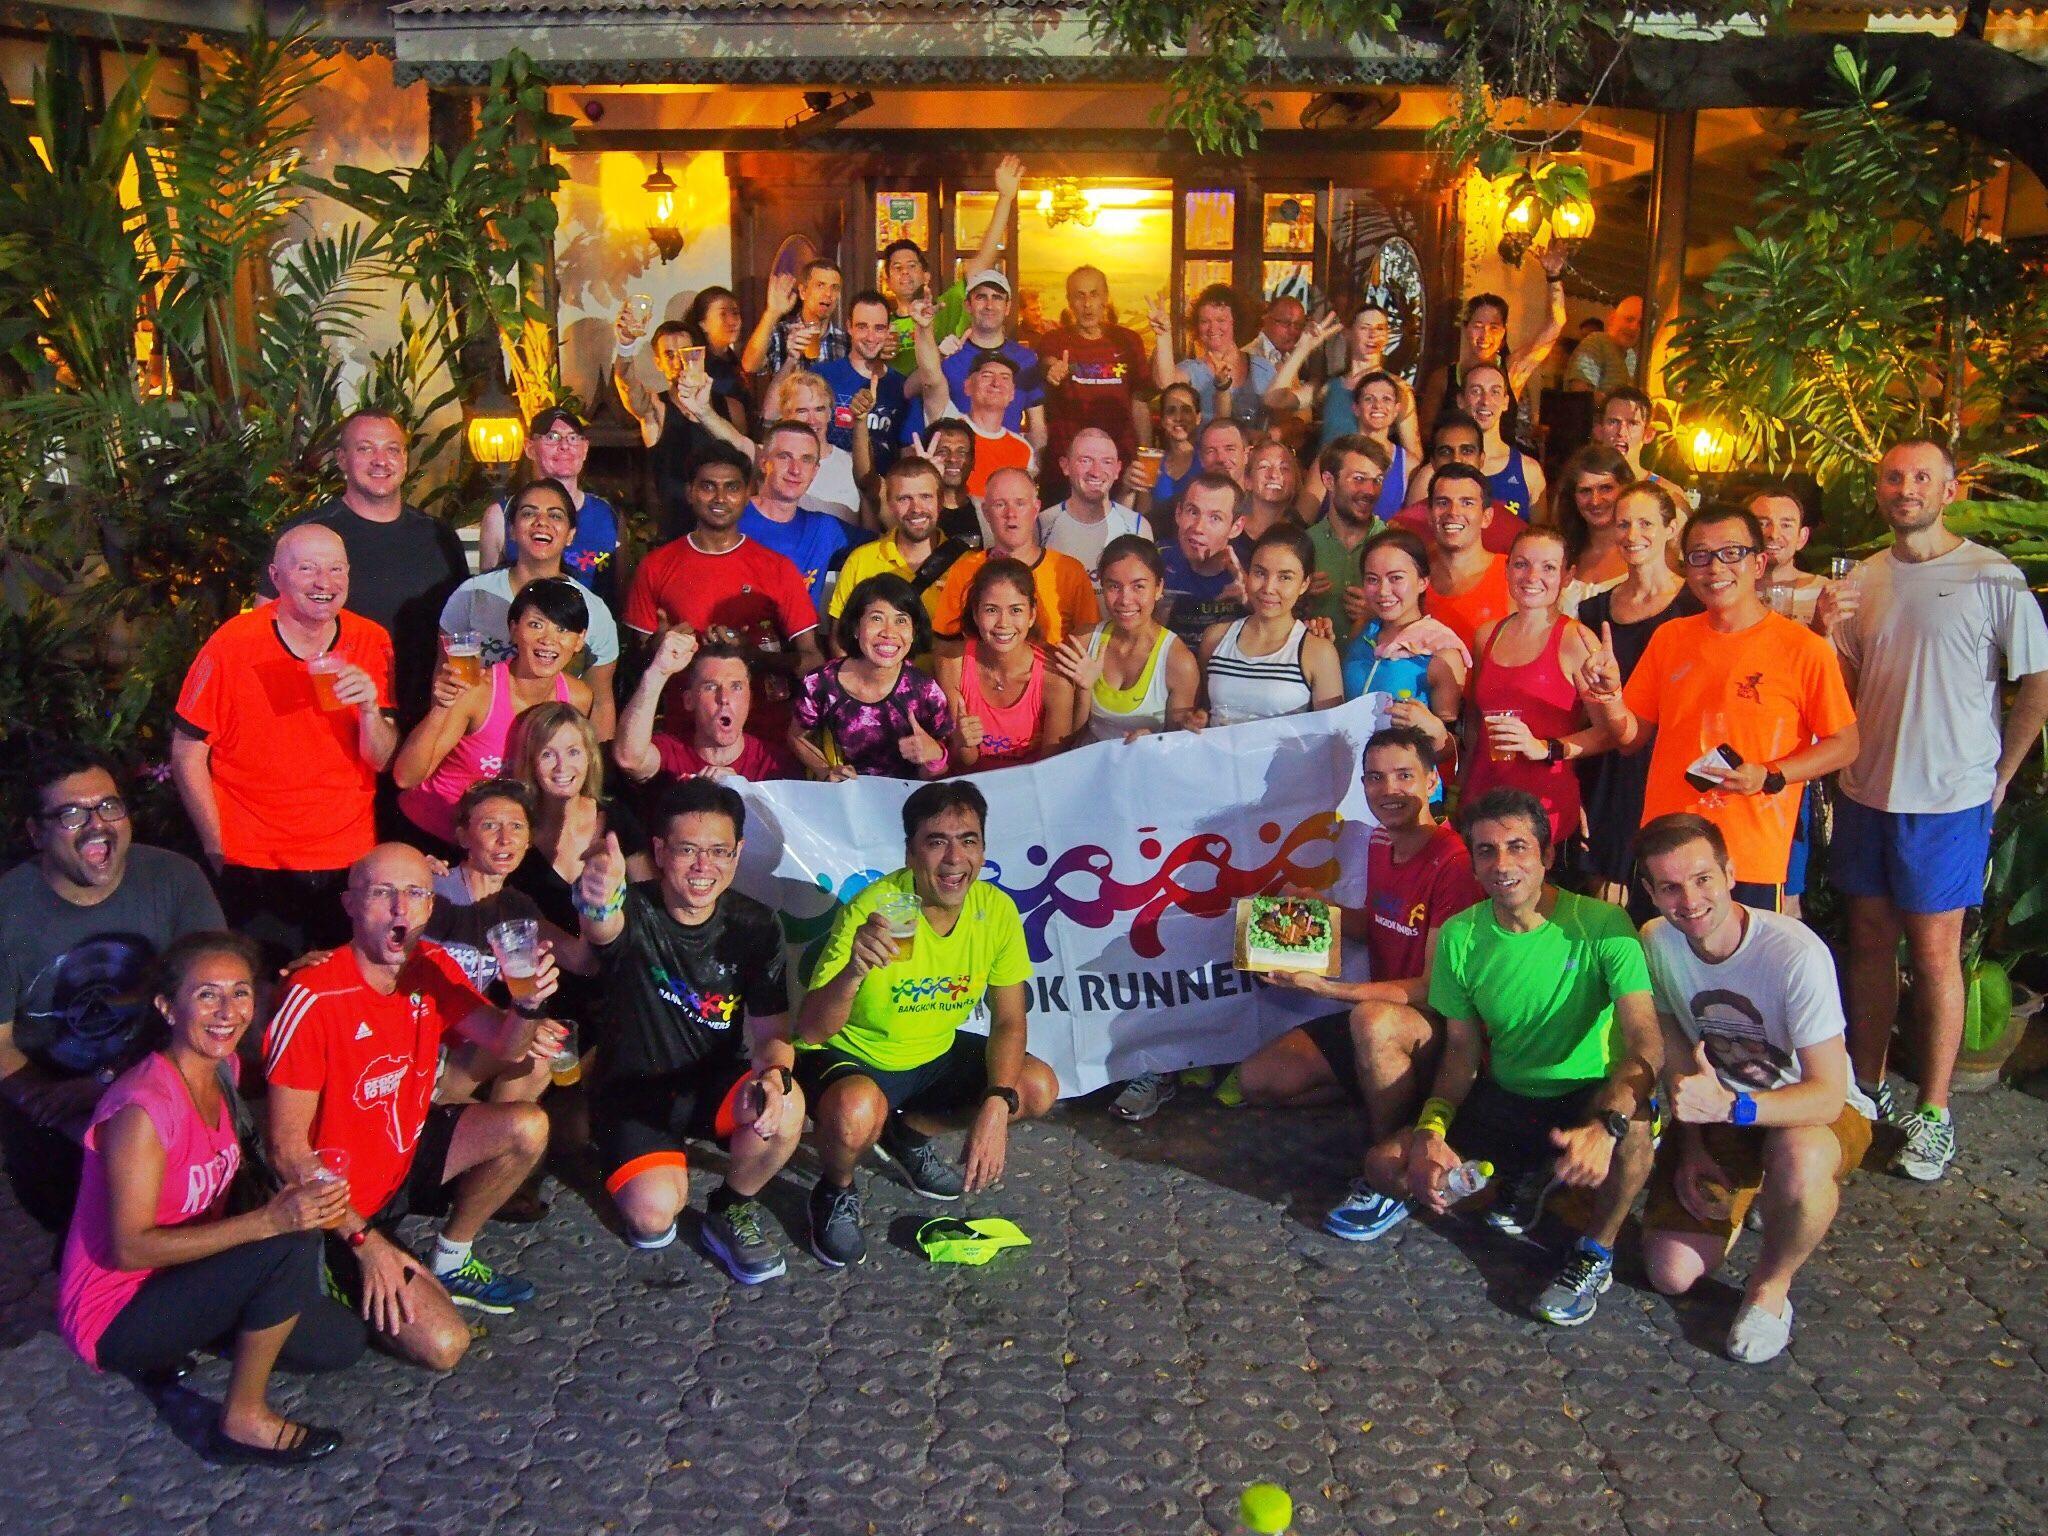 Bangkok Runners